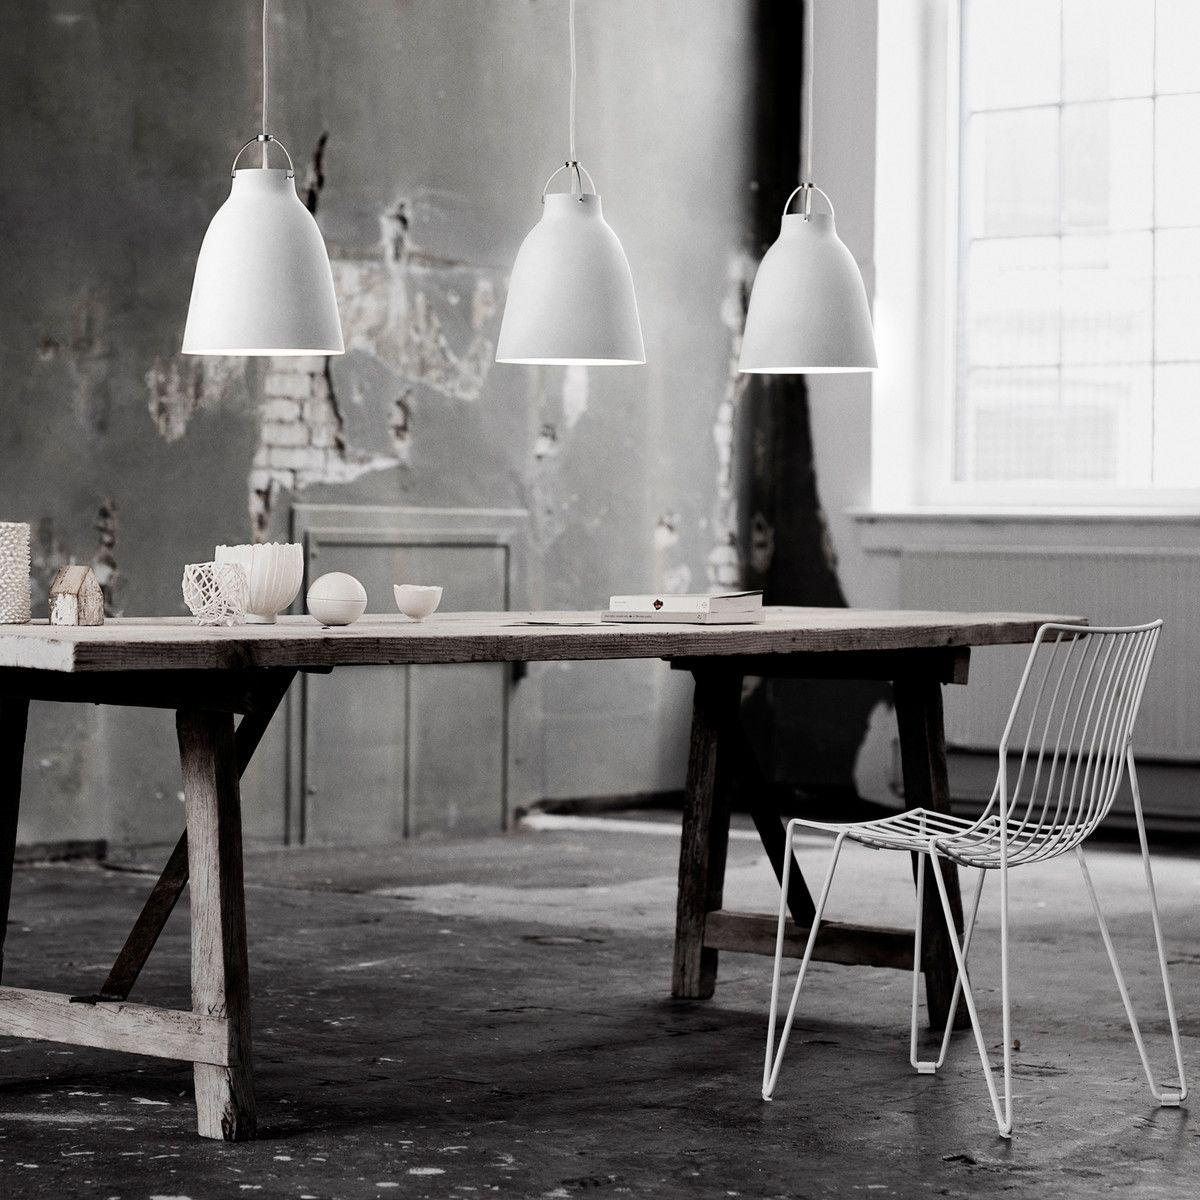 Lampe Esszimmer Pendelleuchten Wohnzimmer Beautiful: Caravaggio P2 Pendelleuchte Glänzend, Weiß